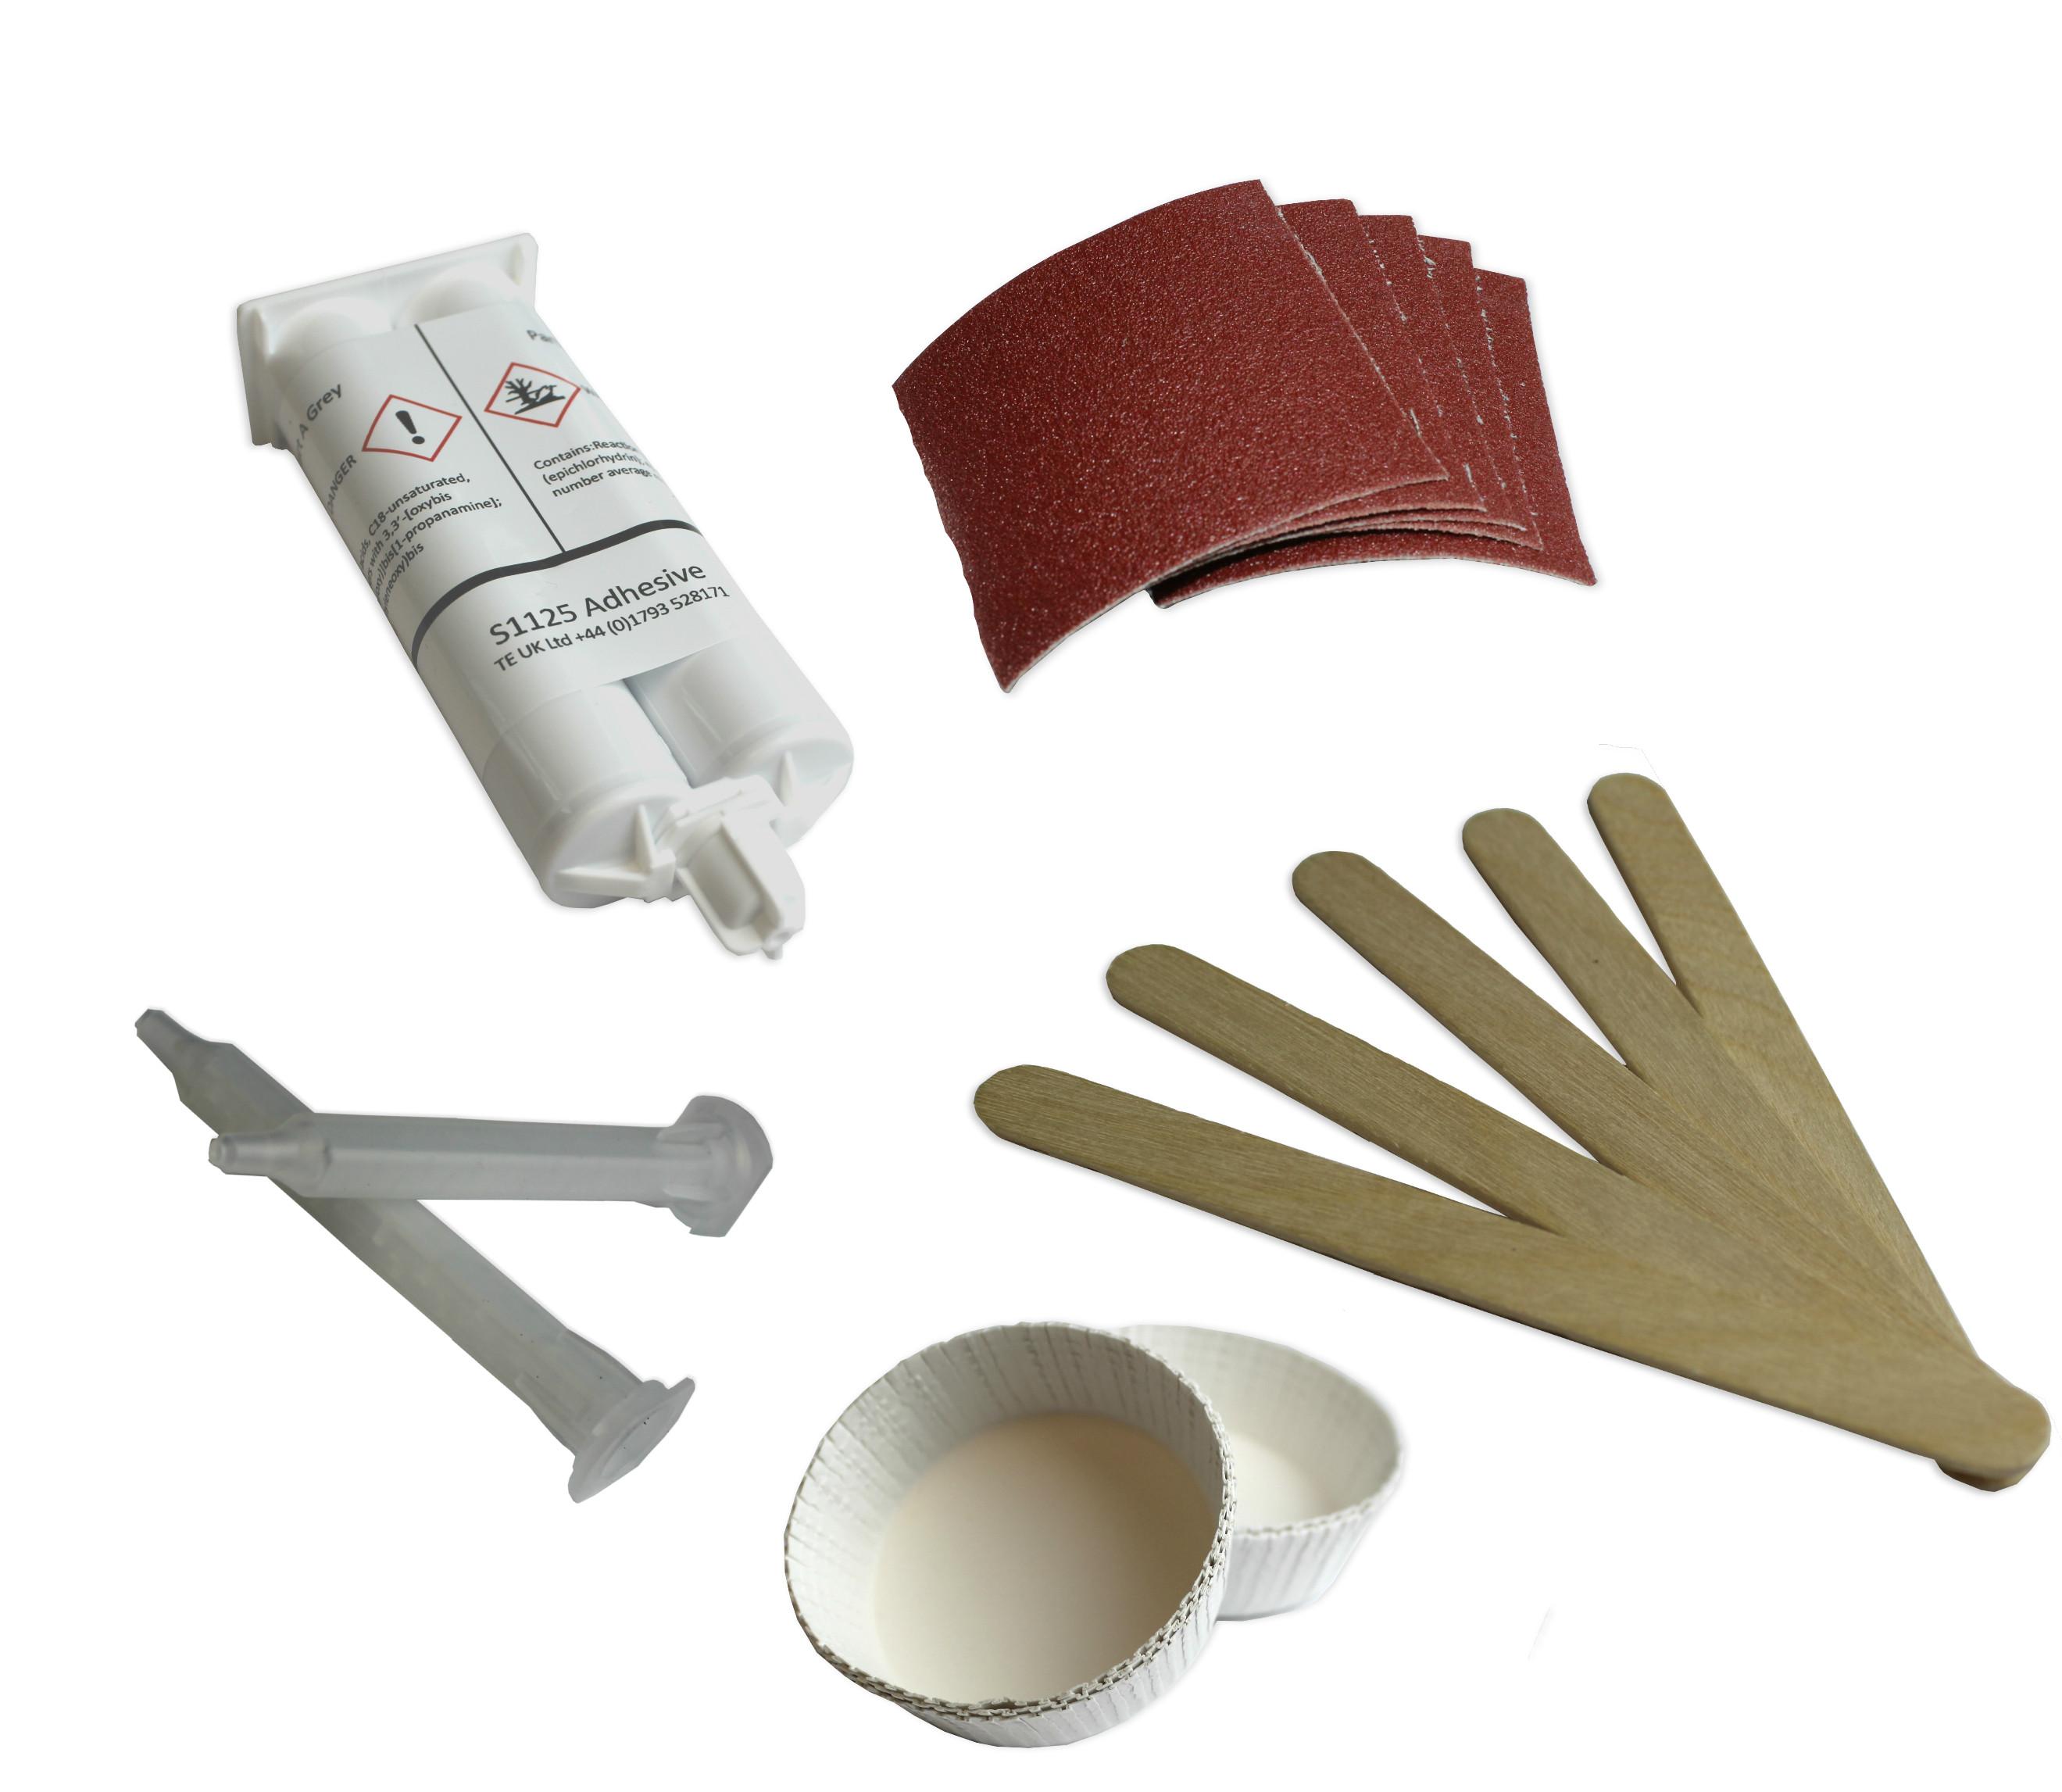 Raychem S1125-KIT-8 Adhesive Resin Kit